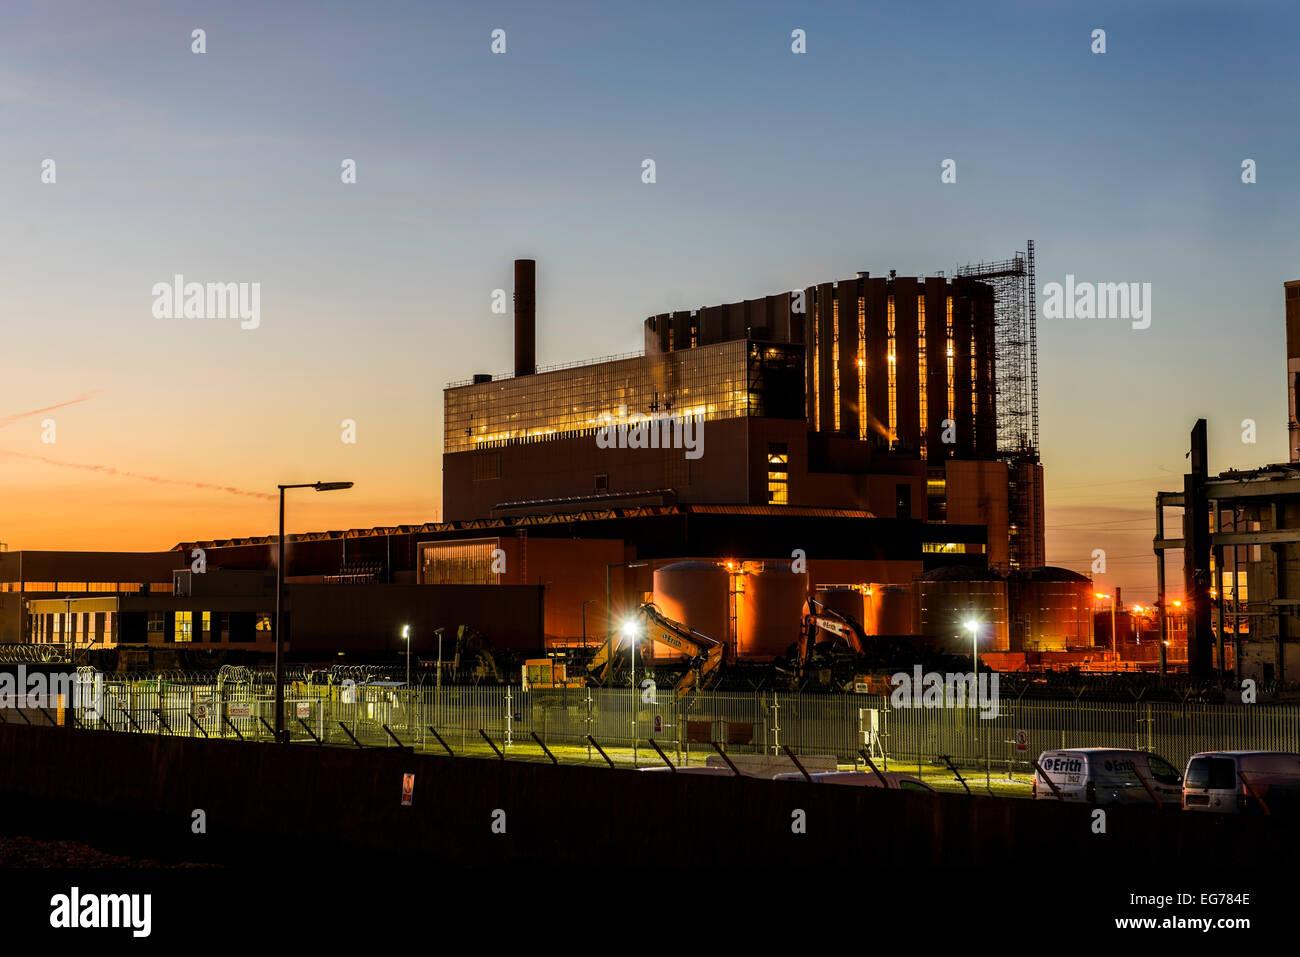 Dungeness atomic power station EDF Energy - Stock Image